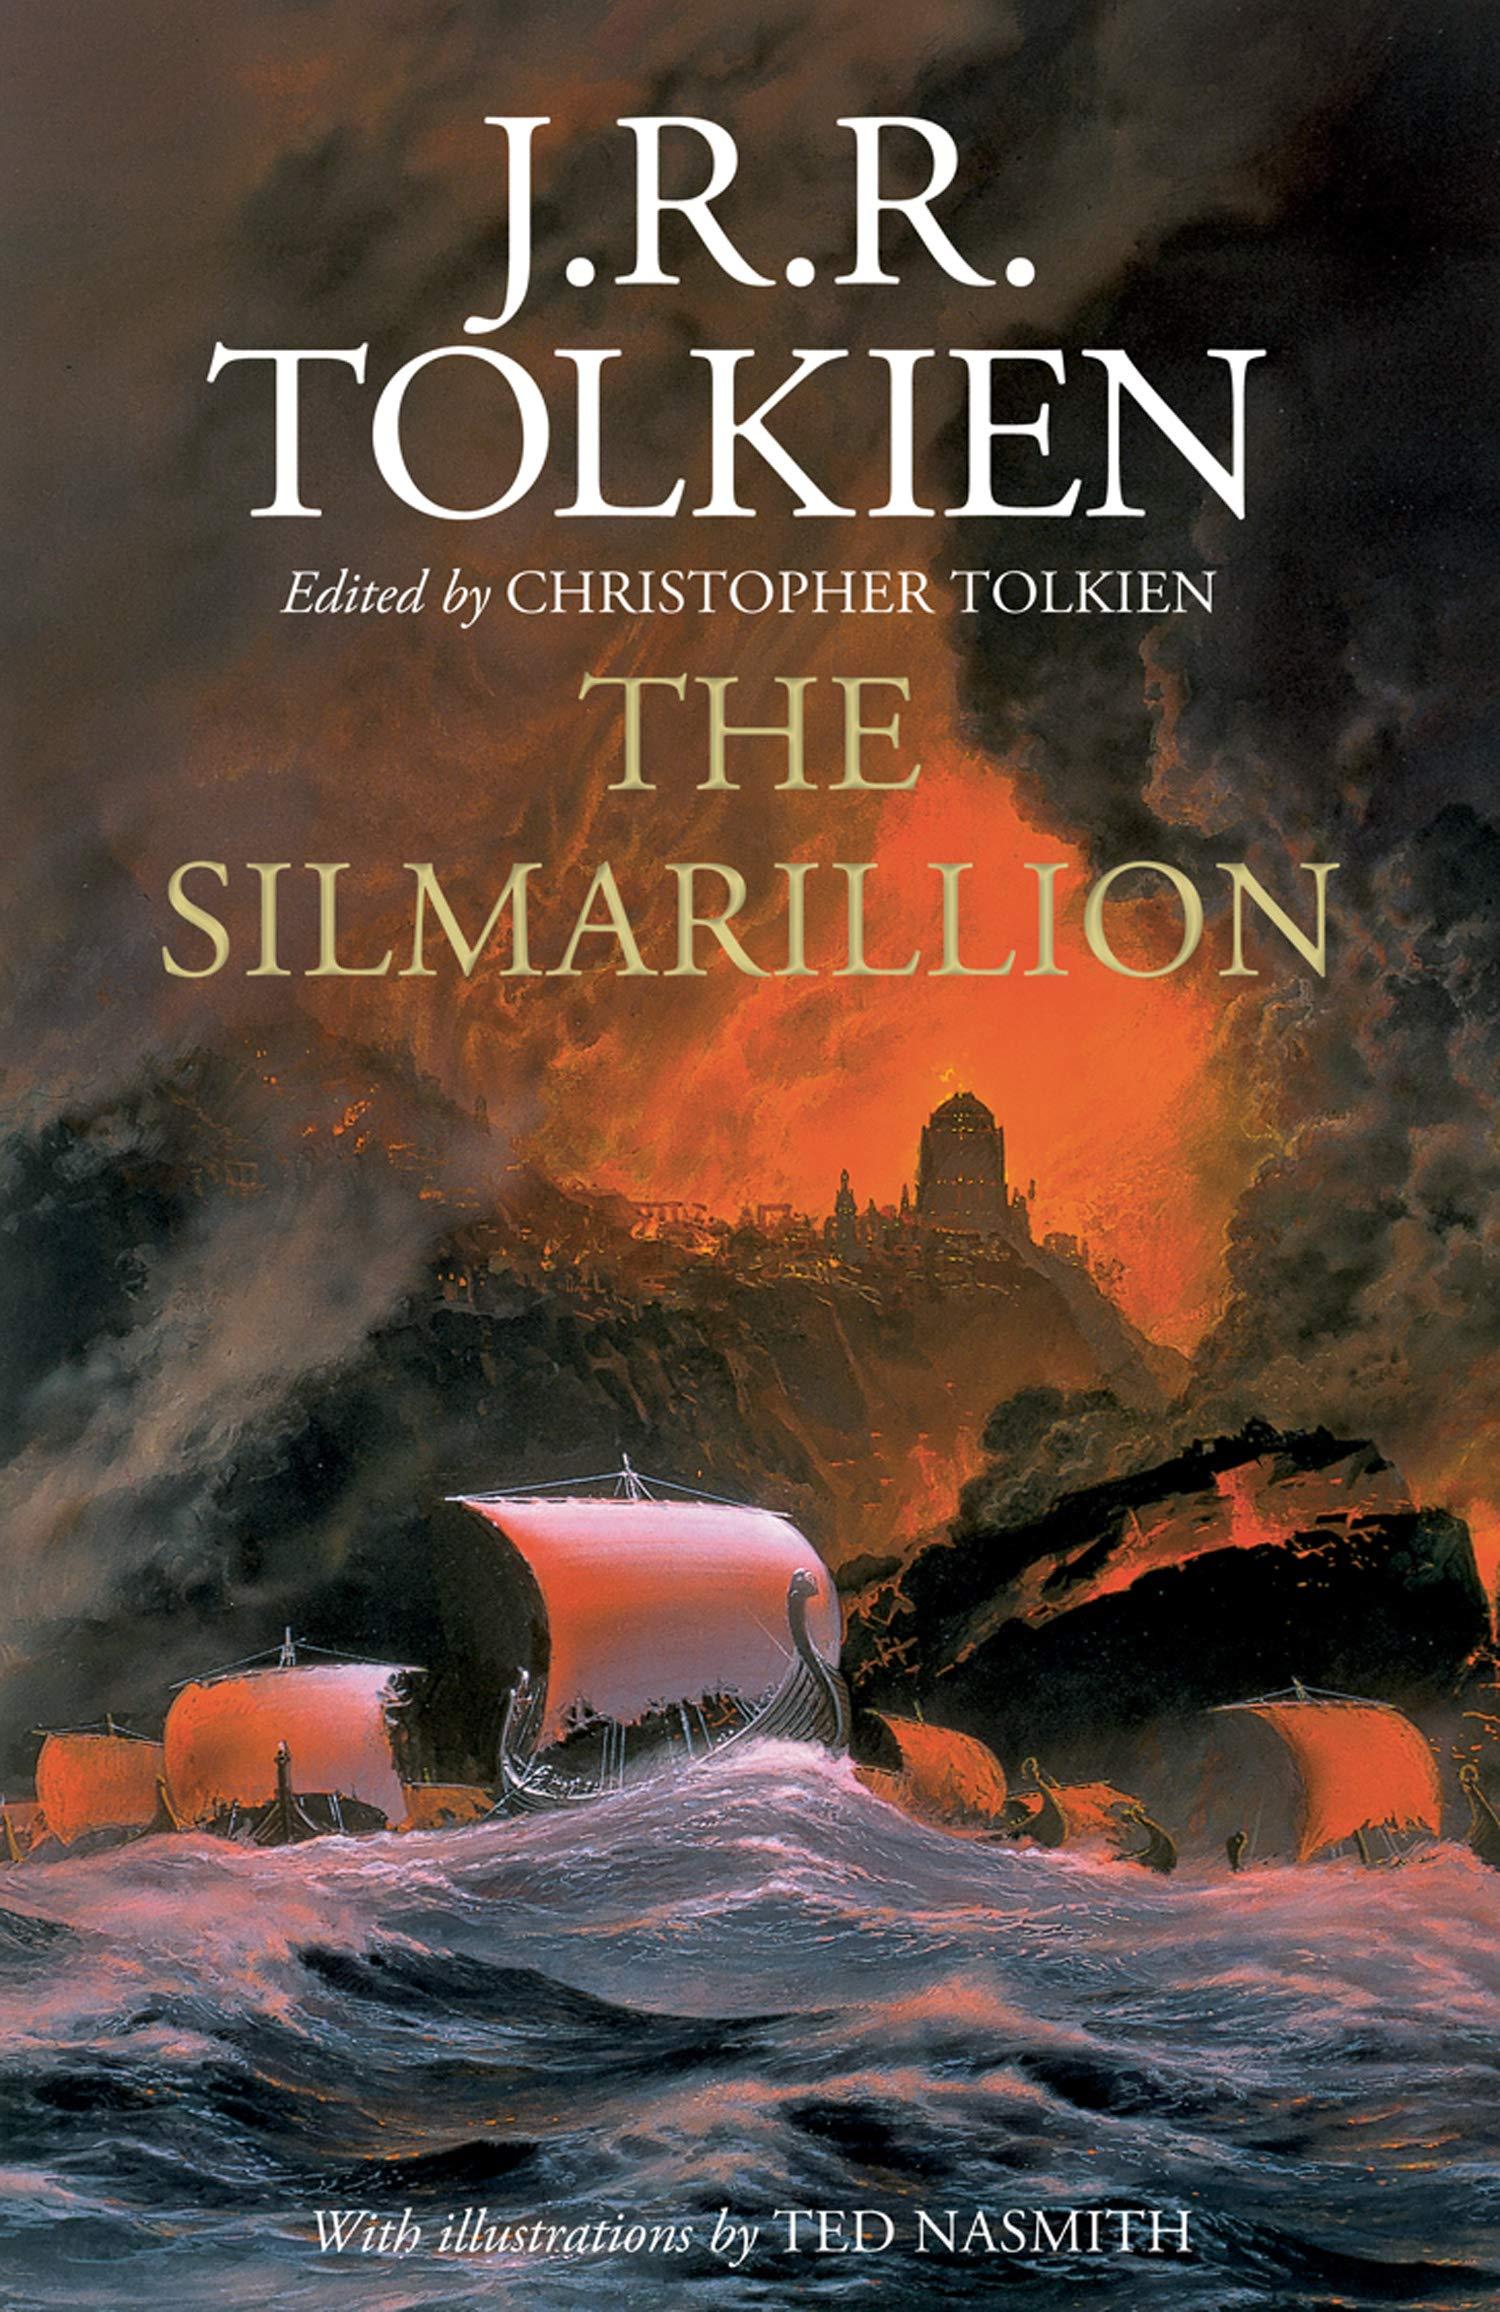 The Silmarillion: Tolkien, J. R. R., Tolkien, Christopher, Nasmith, Ted:  9780008433949: Books - Amazon.ca